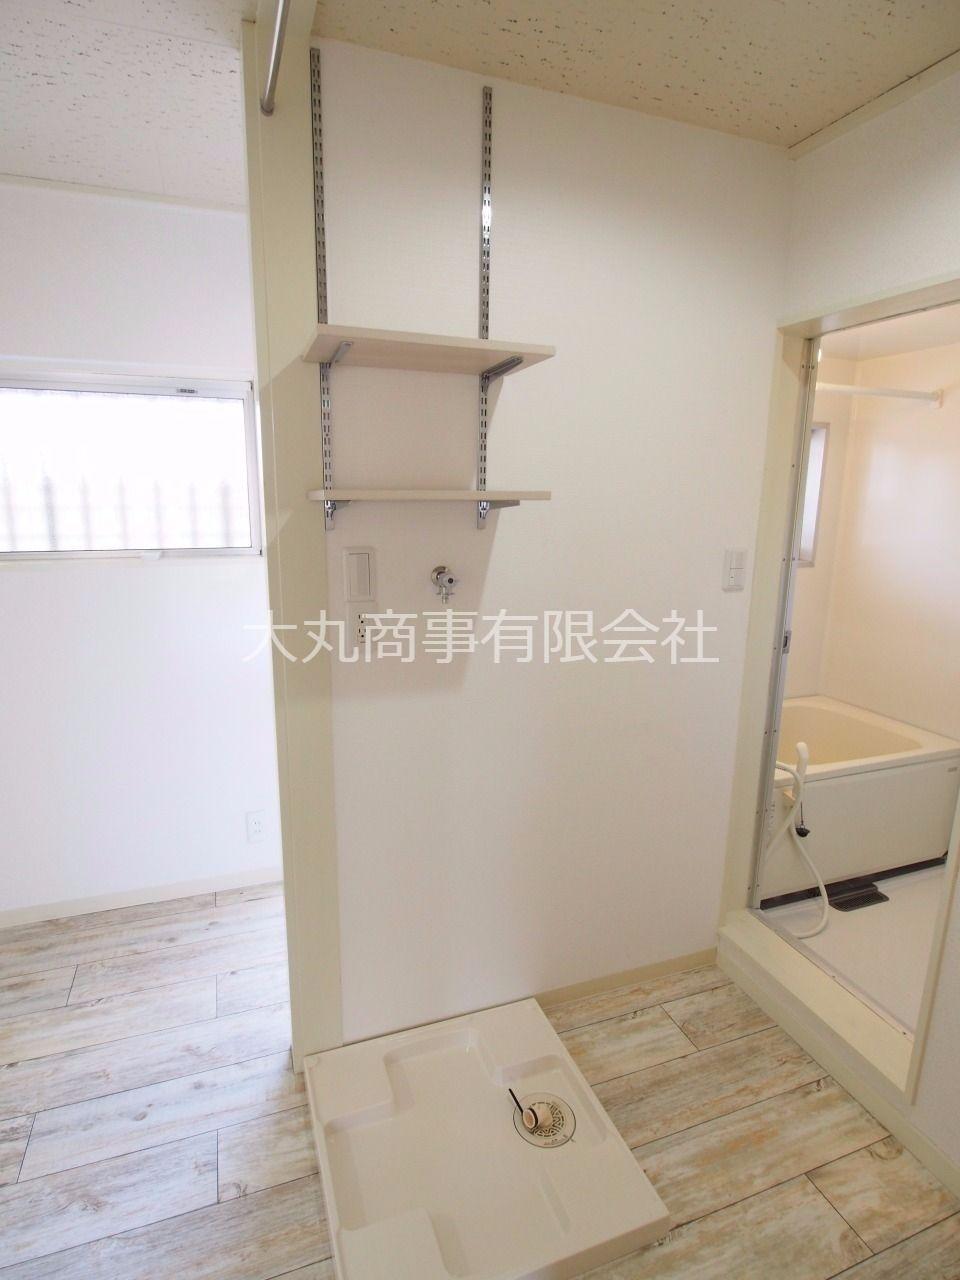 上部には可動棚のある室内洗濯機置場